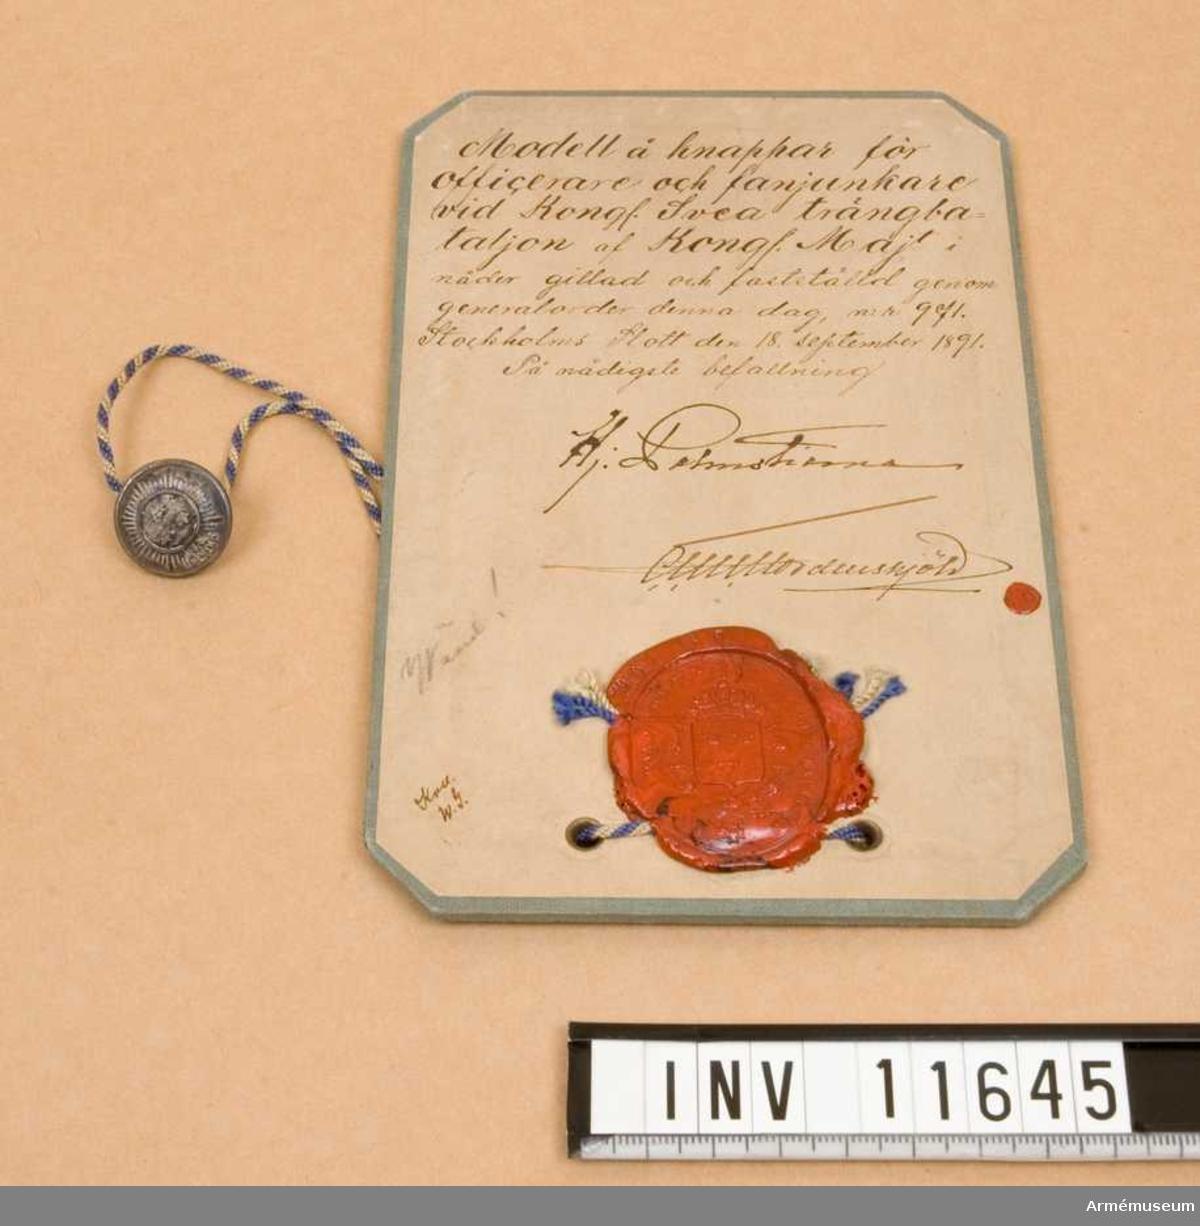 Grupp C I. Modell å knappar m/1891 för officerare och fanjunkare vid Kungl. Svea trängbataljon, av Kungl. Majt i nåder gillad och fastställd genom go nr 971 den 18. september 1891. Dep från Arméförvaltningens Intendenturdep., modellkammaren.